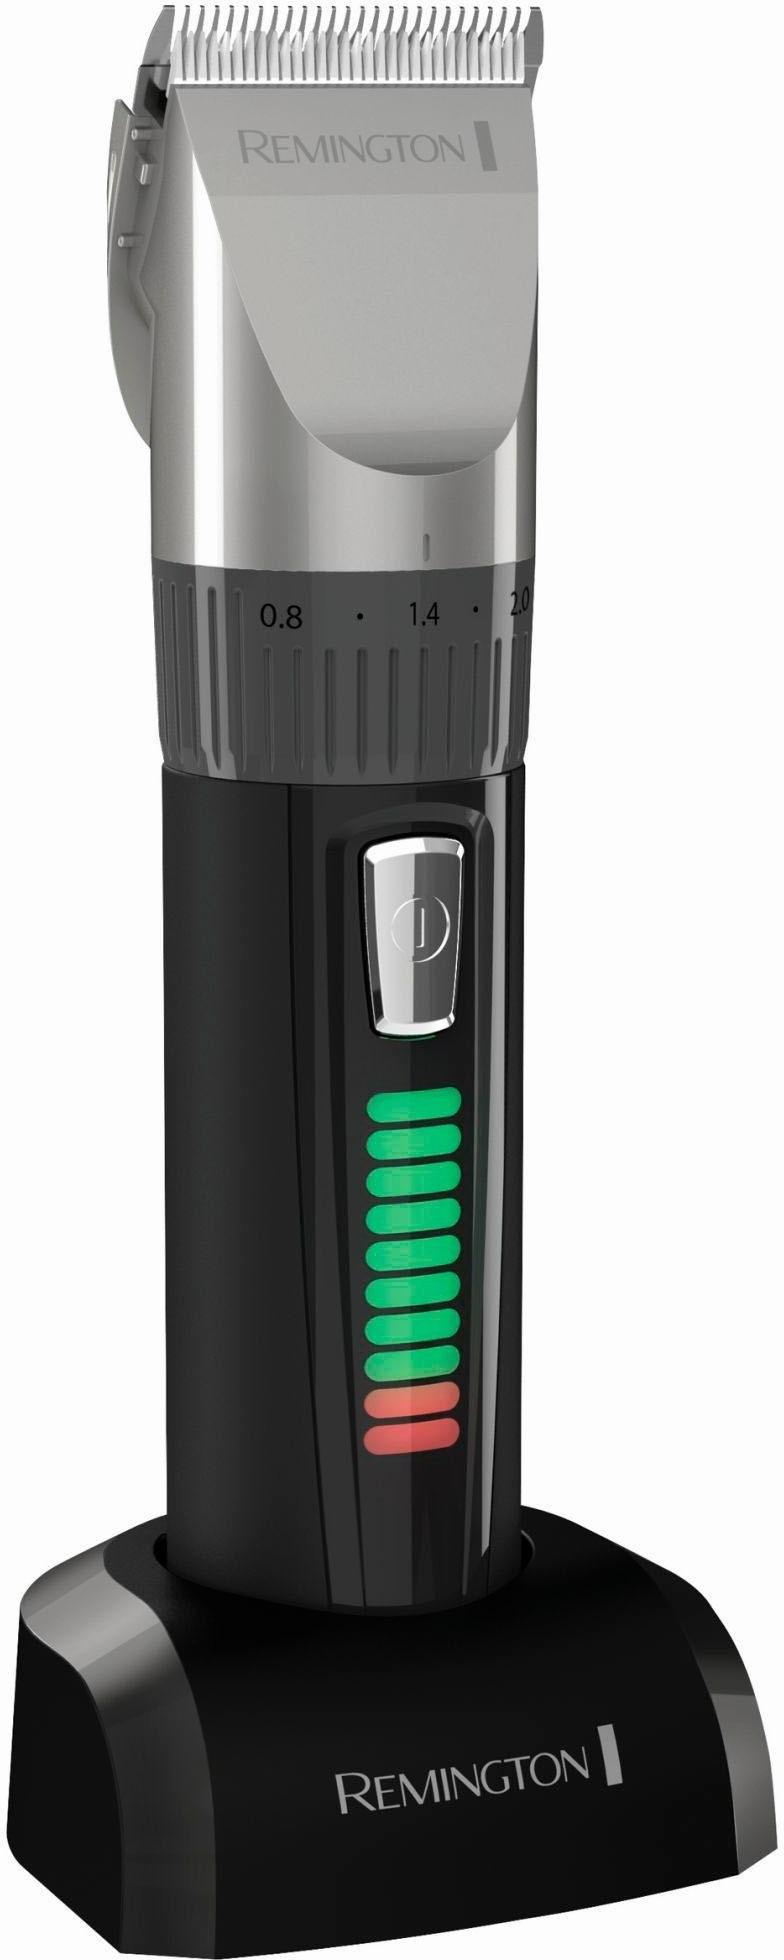 Remington tondeuse HC5810 – Genius Batterij / netspanning in de webshop van OTTO kopen